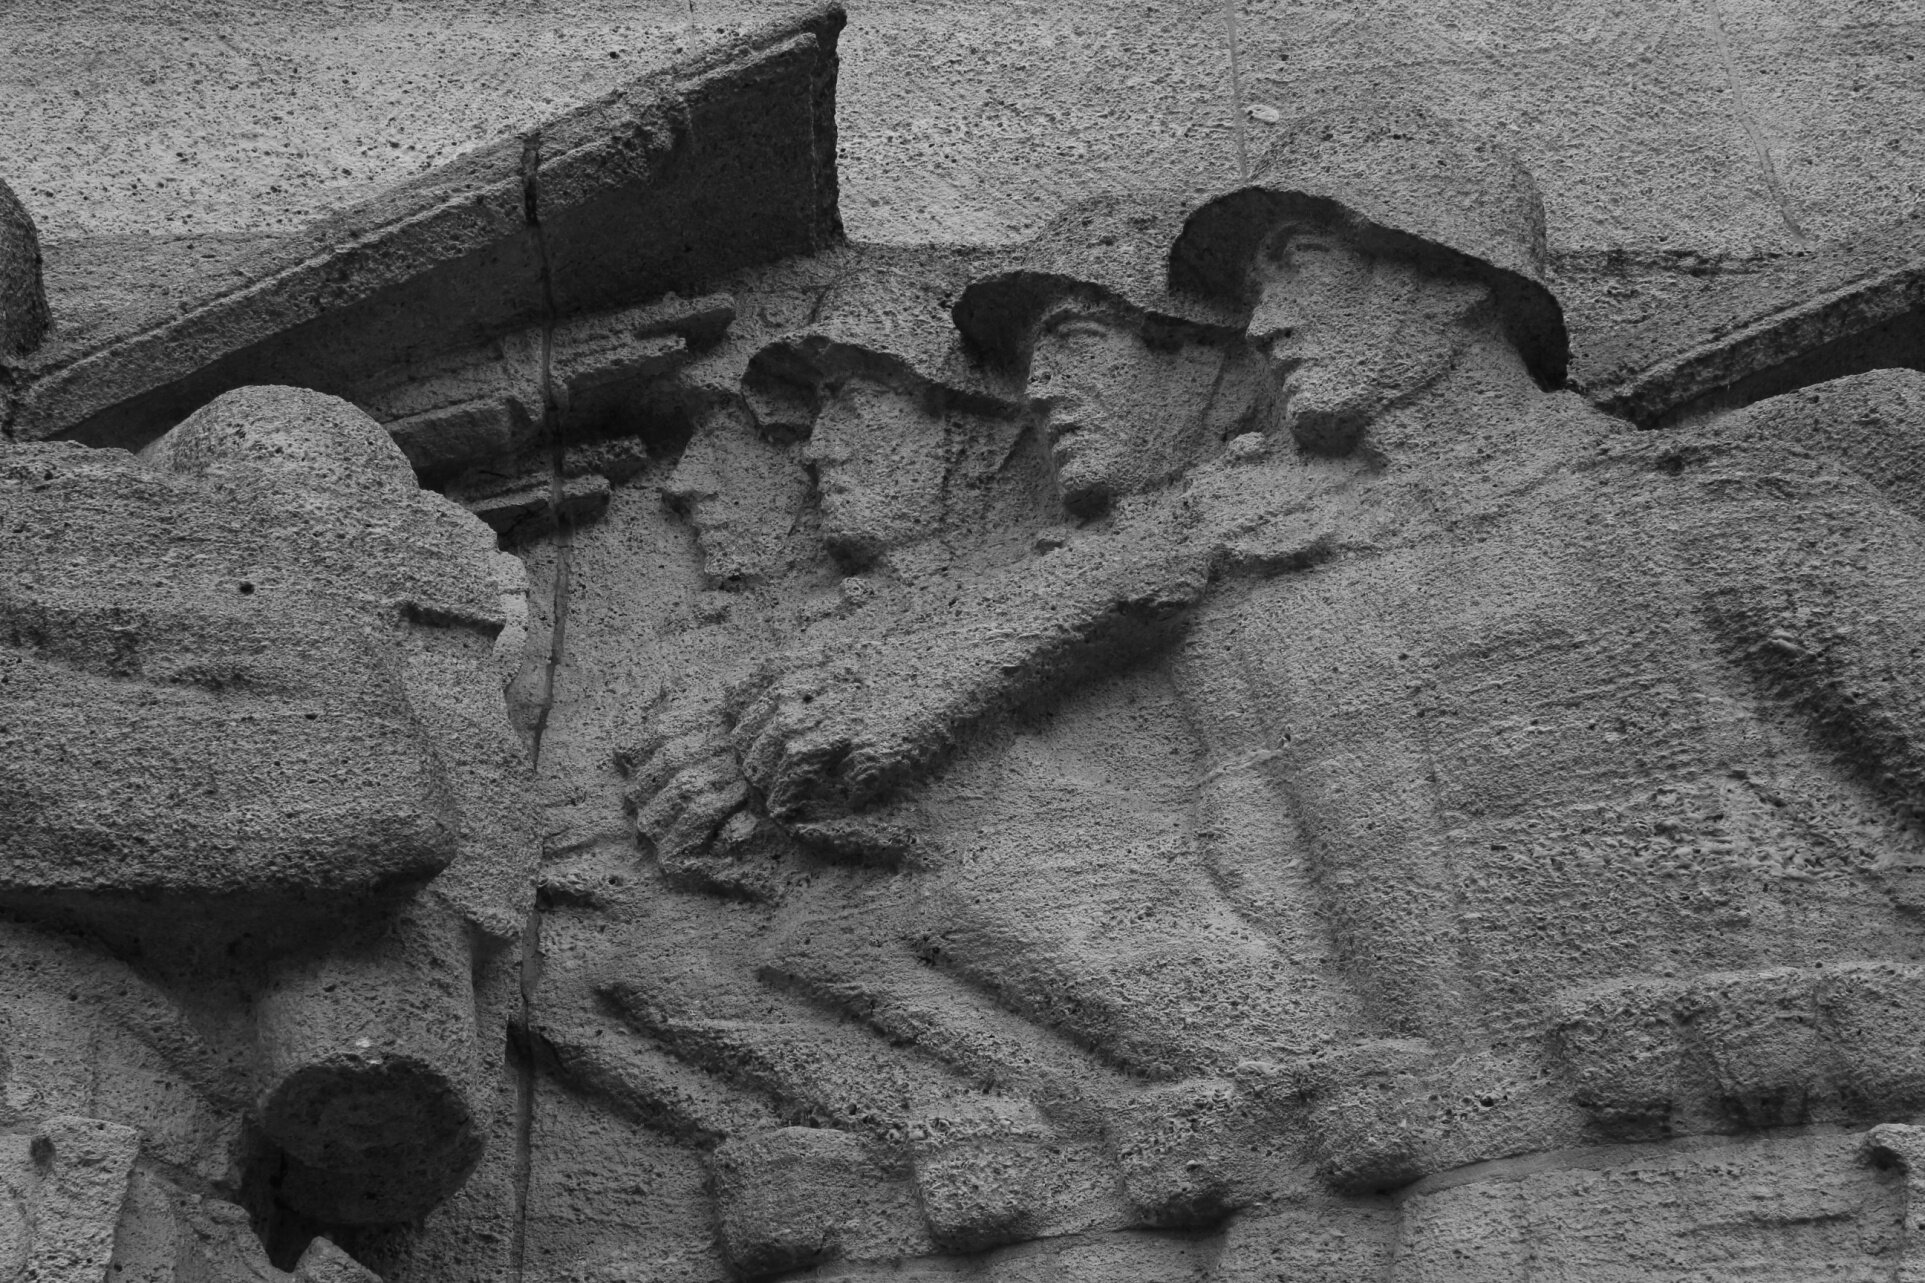 Kriegerdenkmal, Hamburg, photo by Marek Domański.